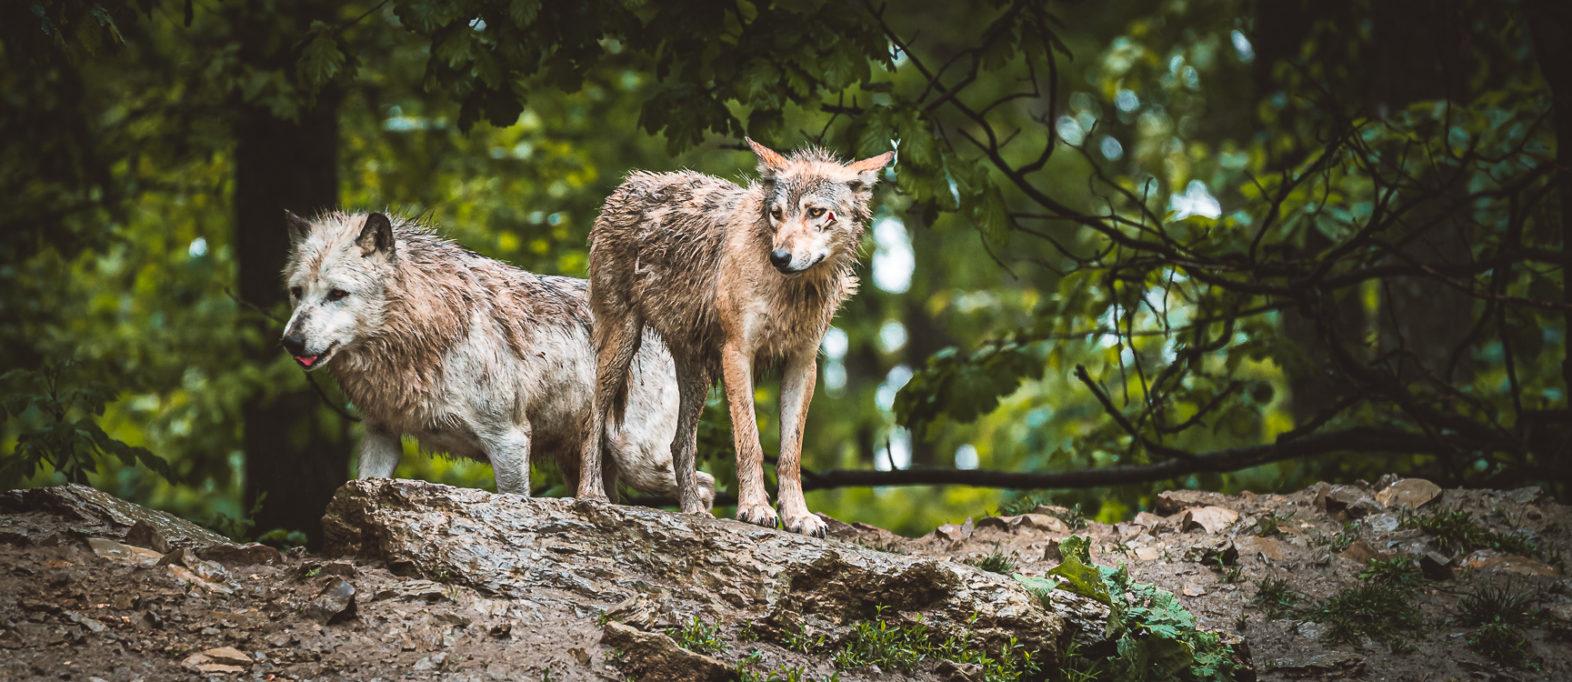 Taubertal Highlight Wolfsrufel Wildpark Bad Mergentheim